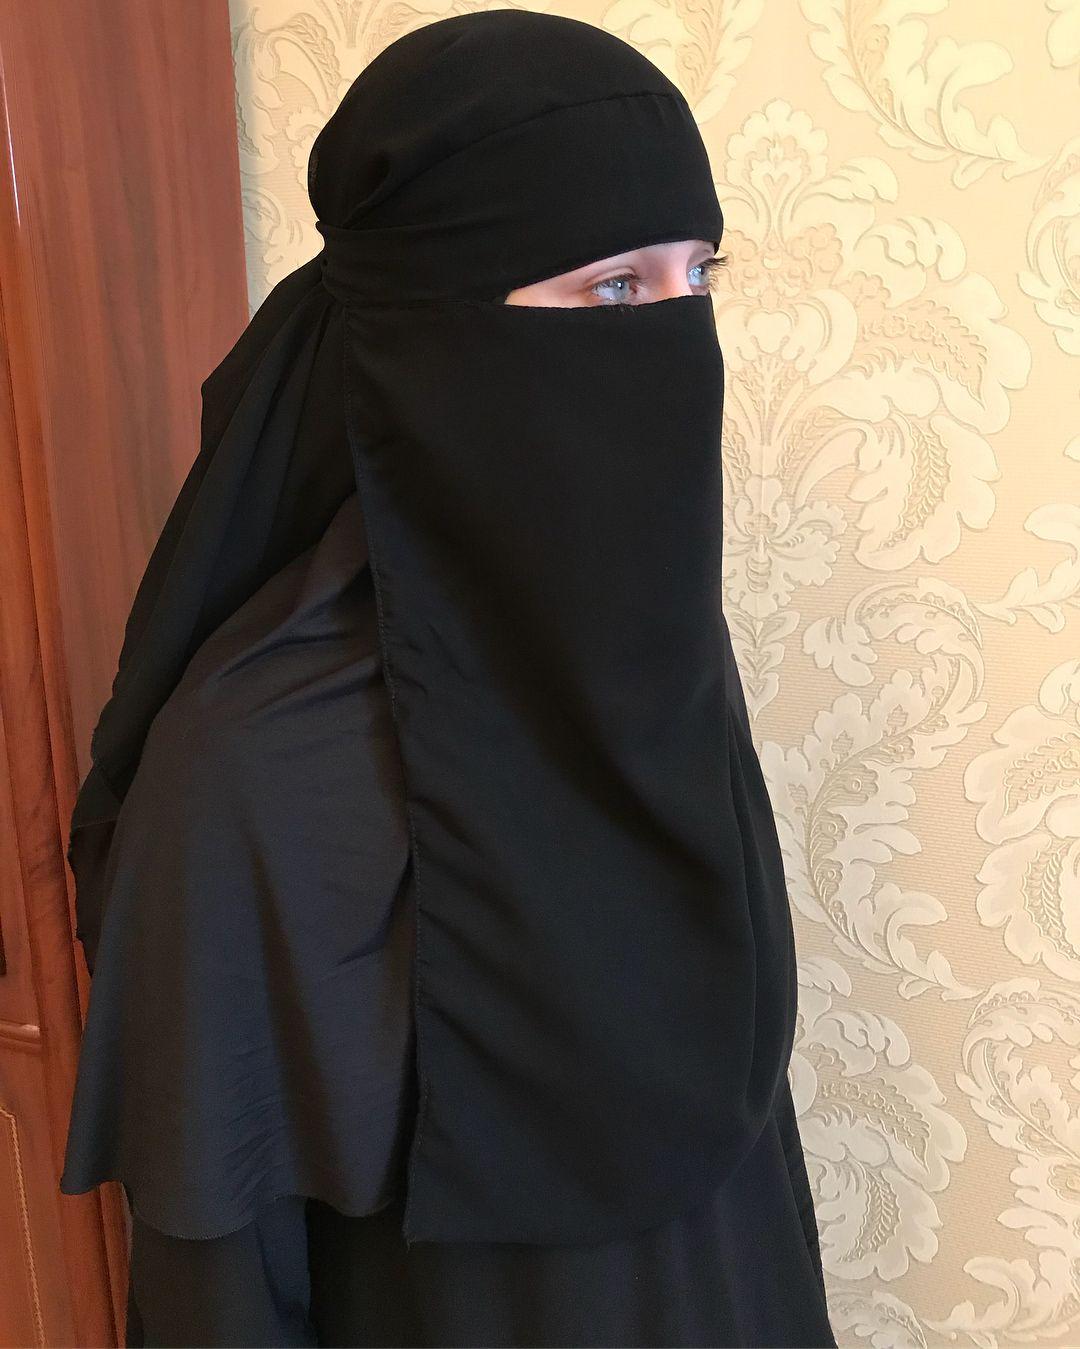 Работа для девушки в платке девушки модели в светлый